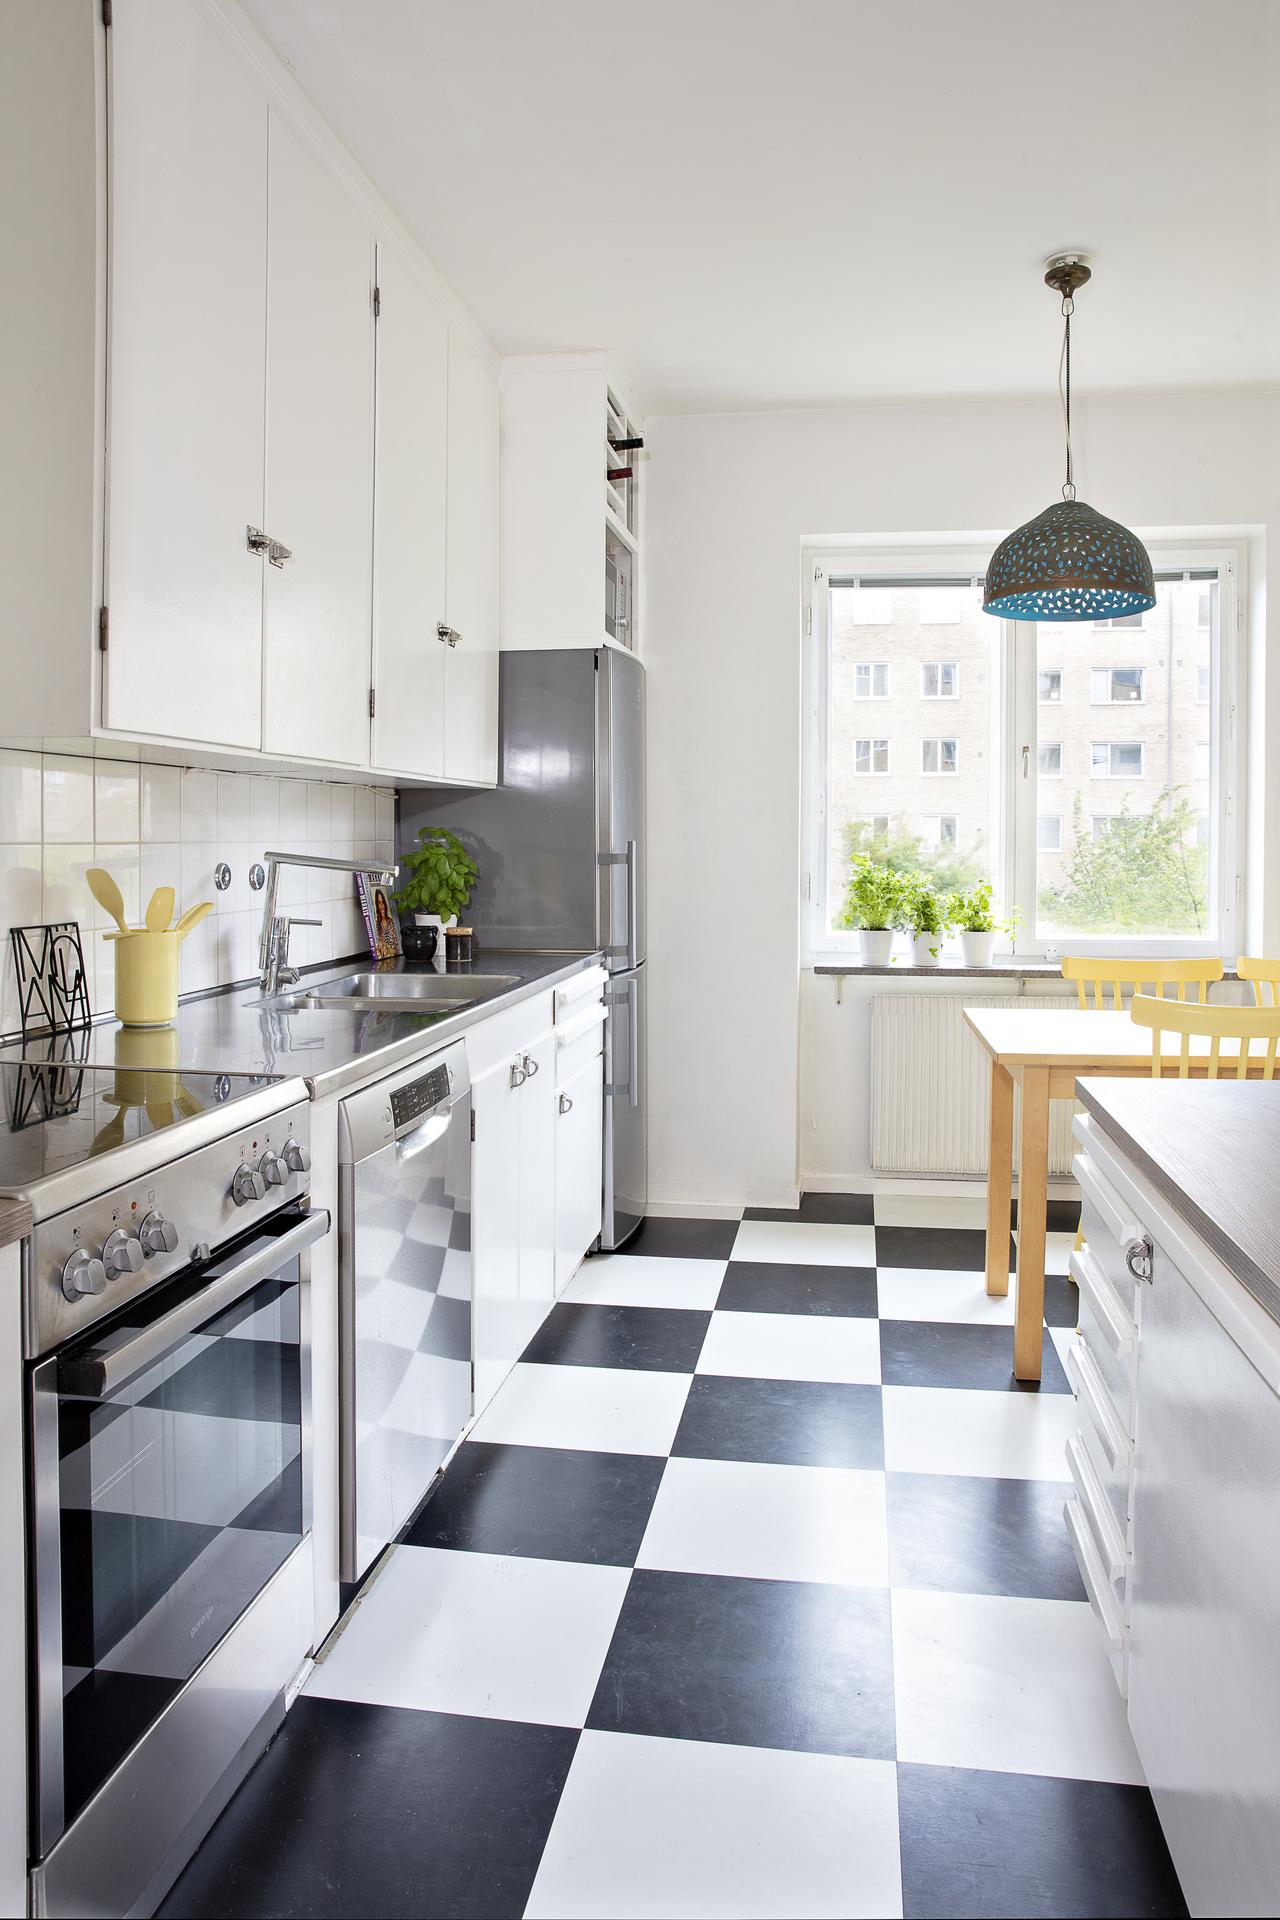 Köket i originalutförande erbjuder gott om plats för förvaring